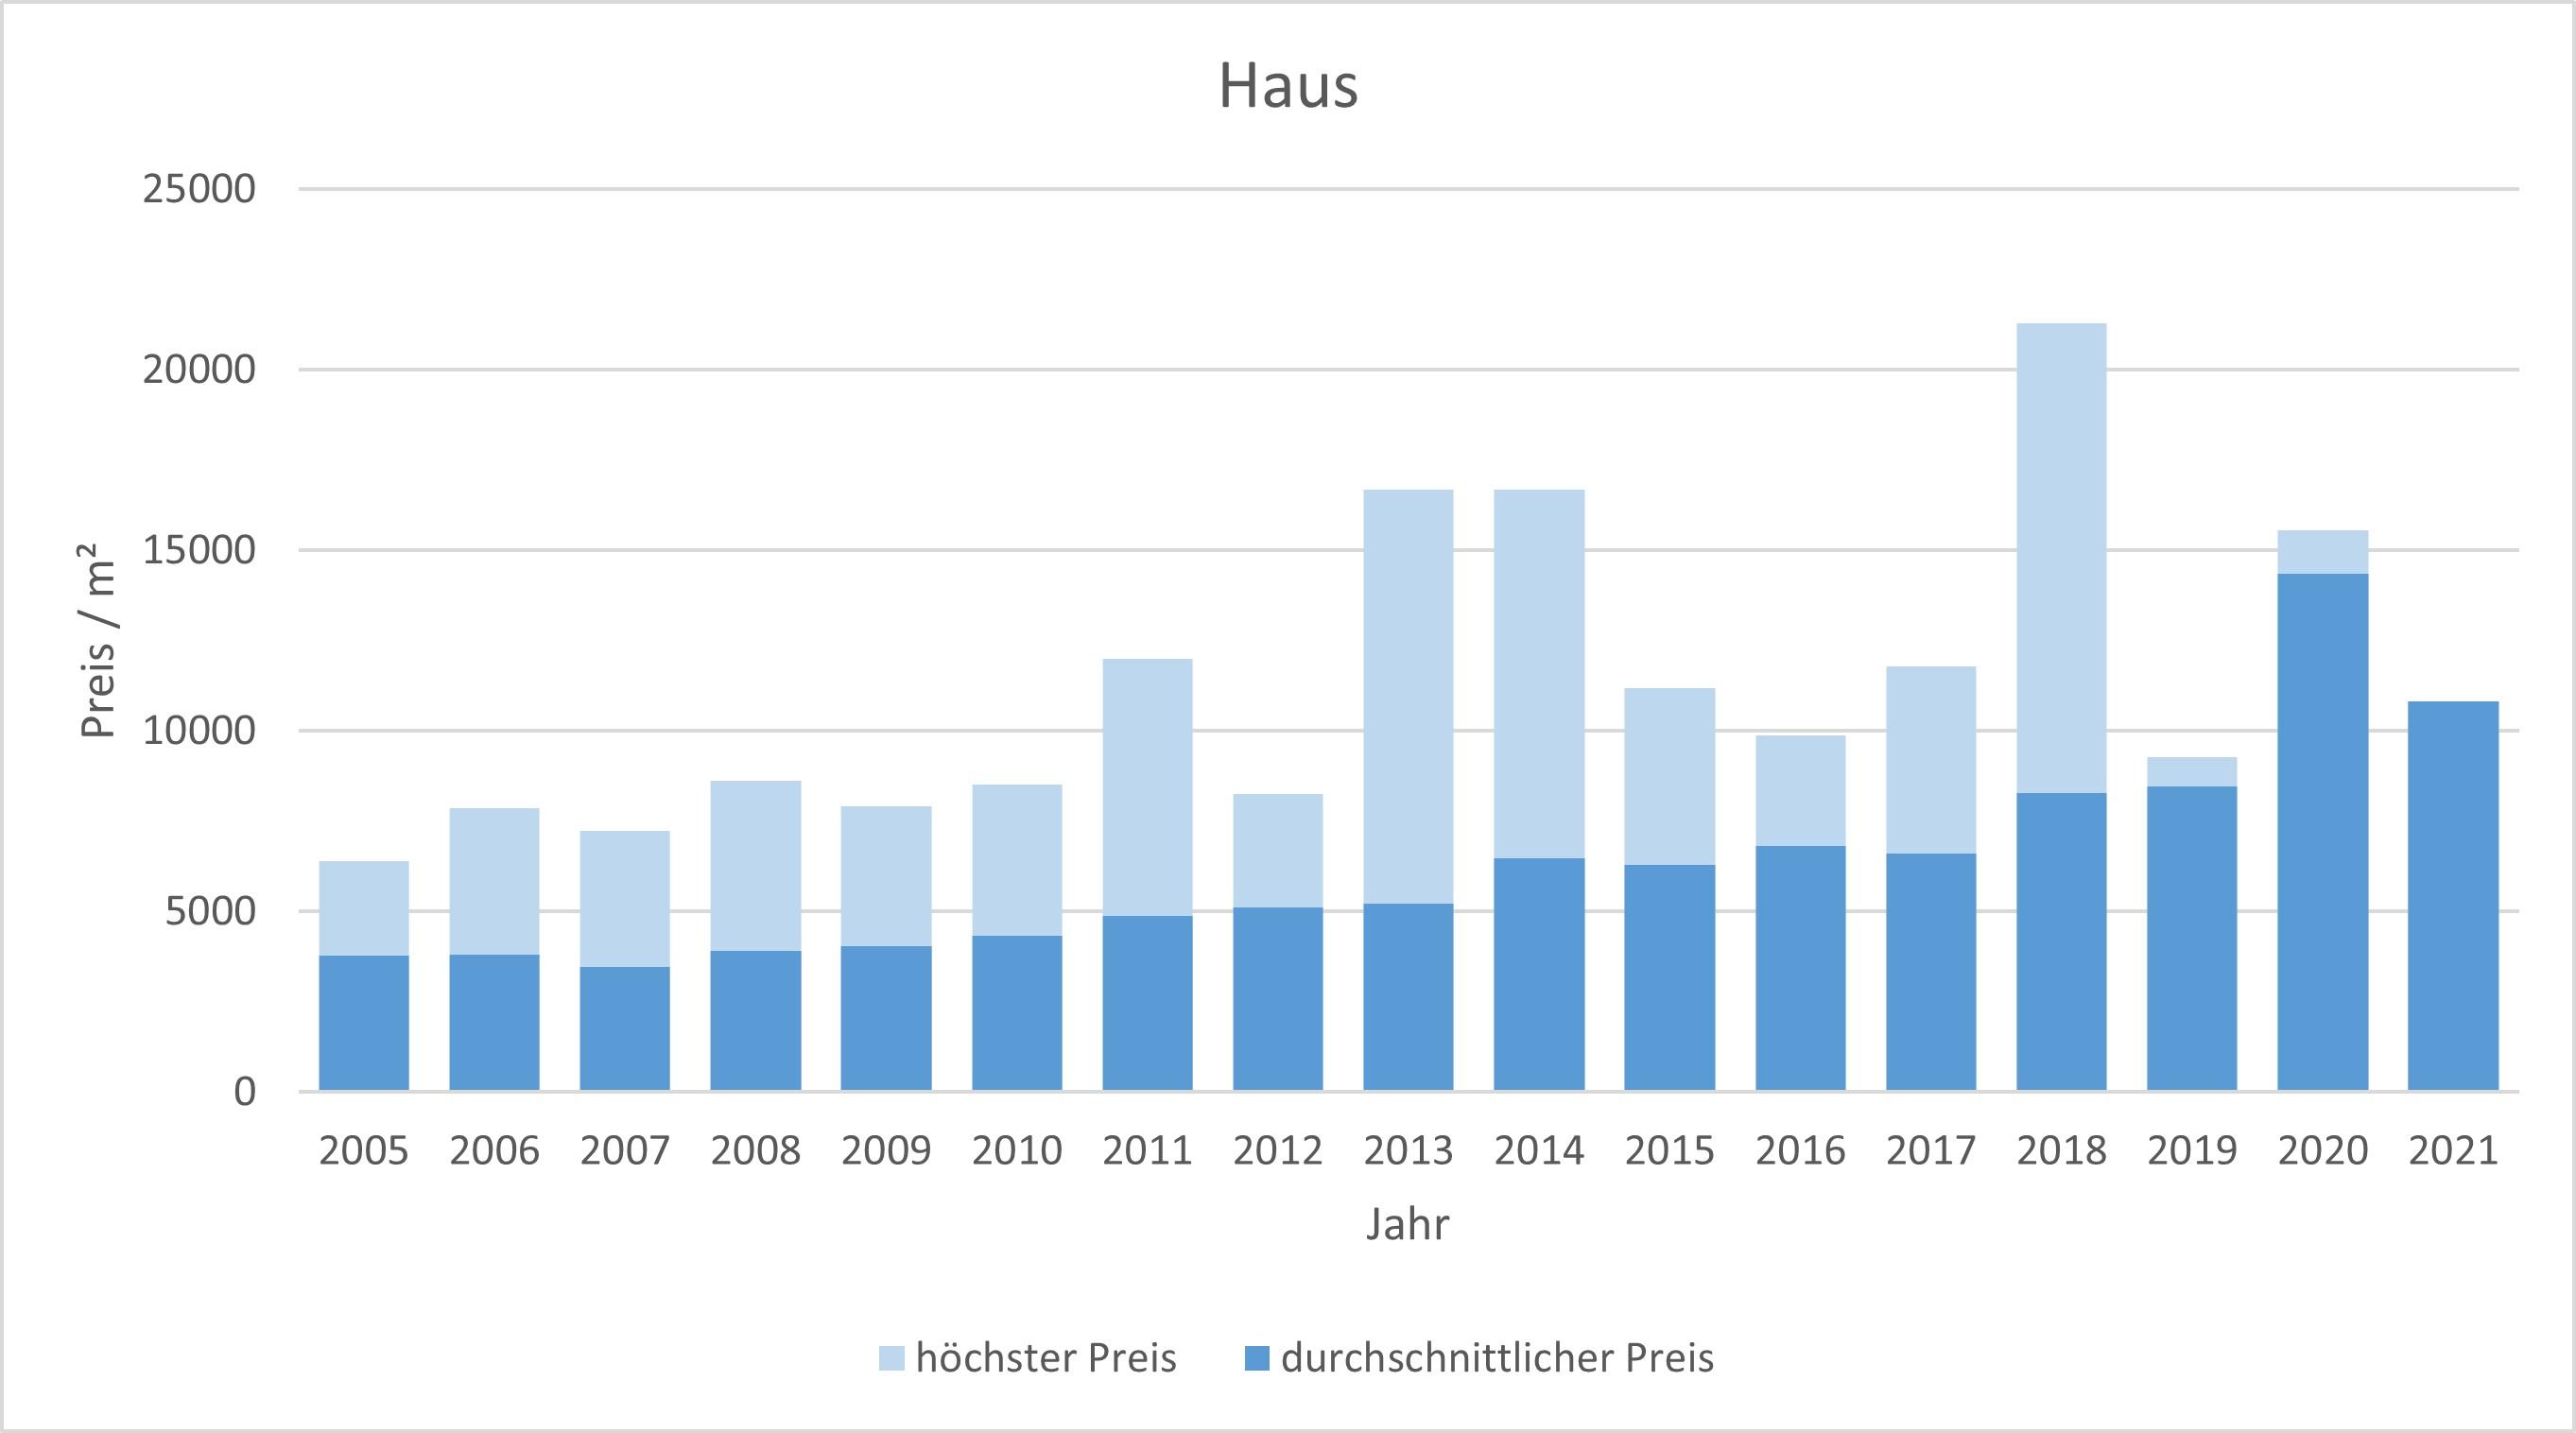 Straßlach - Dingharting Haus kaufen verkaufen Preis Bewertung Makler 2019 2020 2021 www.happy-immo.de